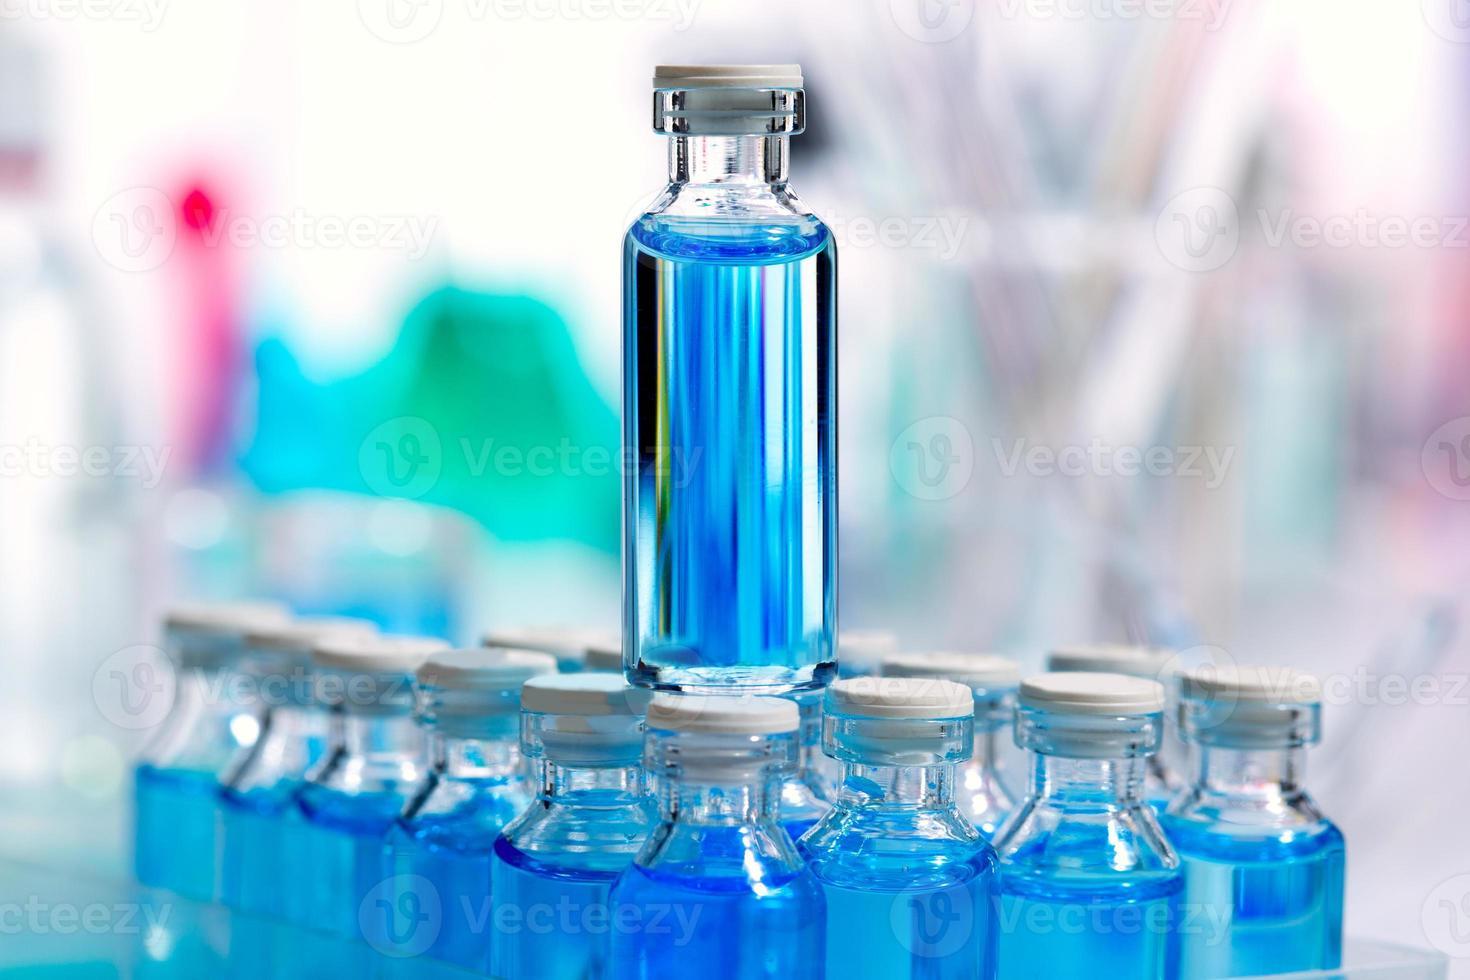 laboratorio scientifico chimico bottiglie di vetro blu foto